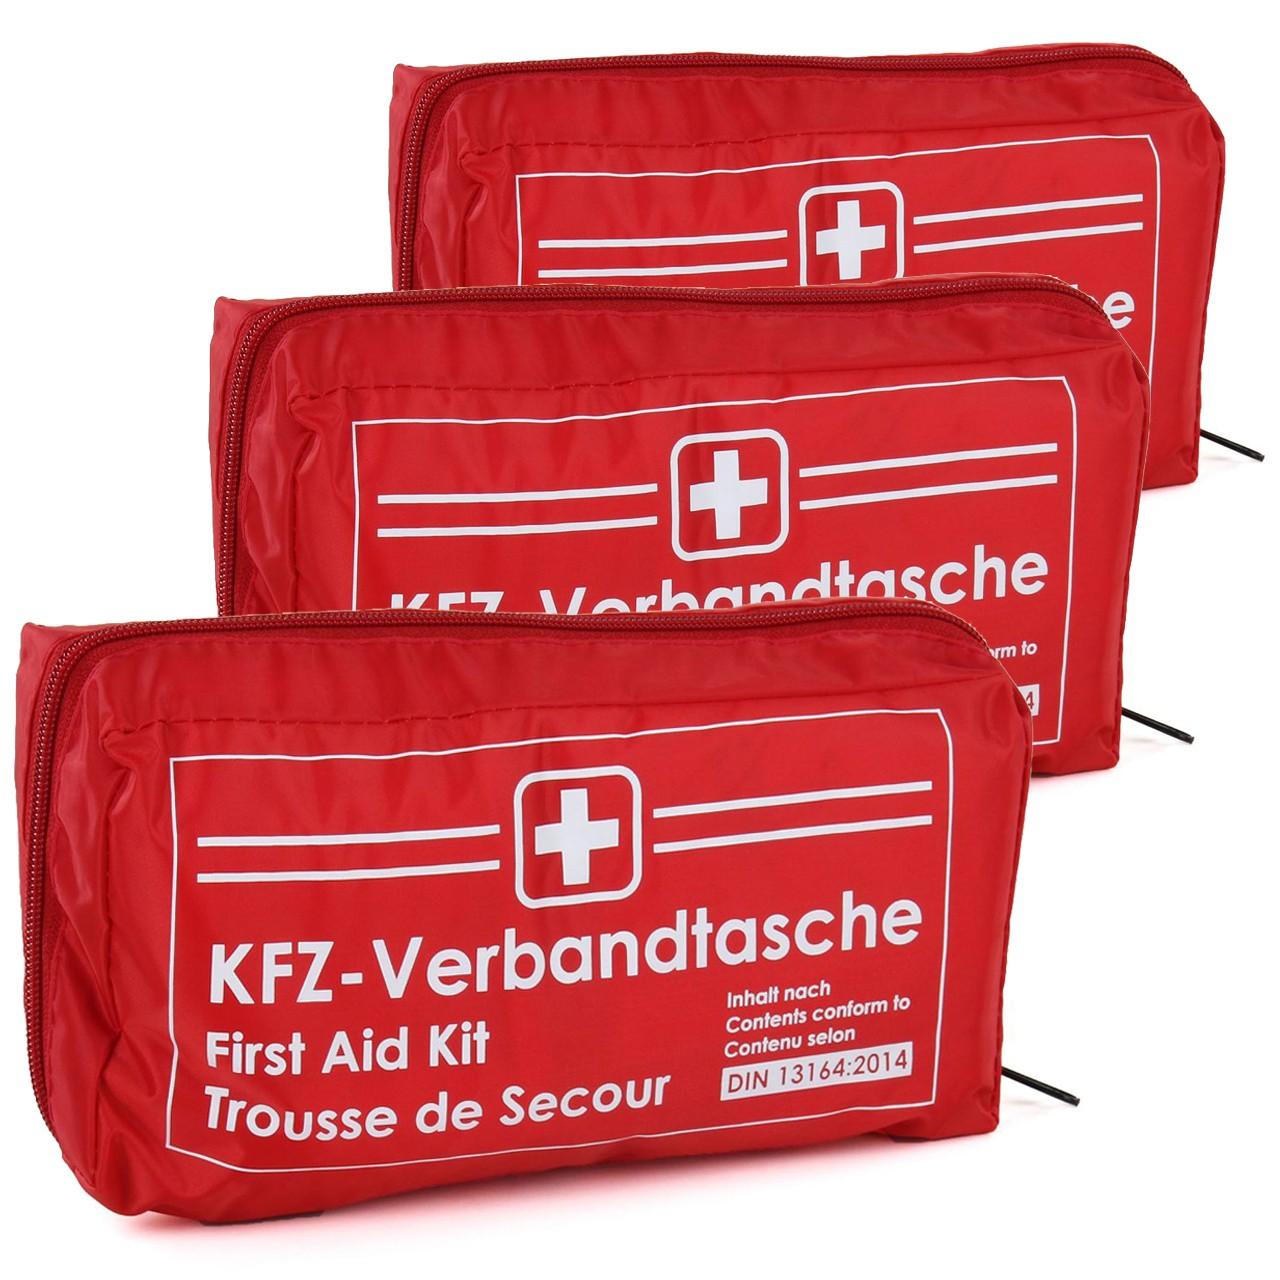 3x KFZ Auto Verbandkasten Verbandskasten ROT Erste Hilfe DIN 13164 MHD 12.2025